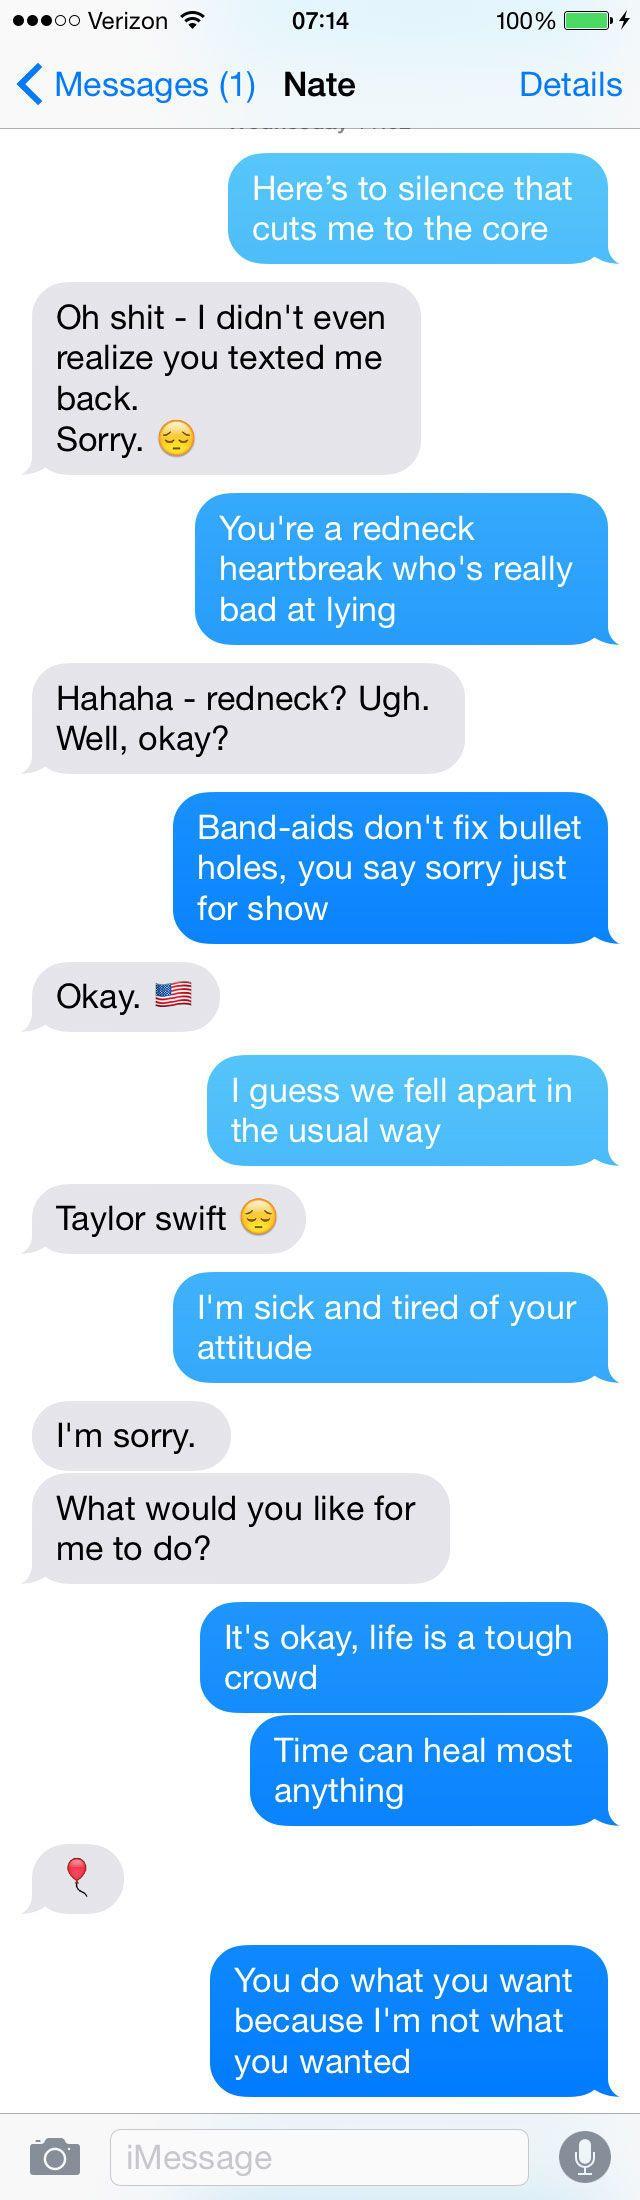 flirting moves that work through text lyrics one way lyrics